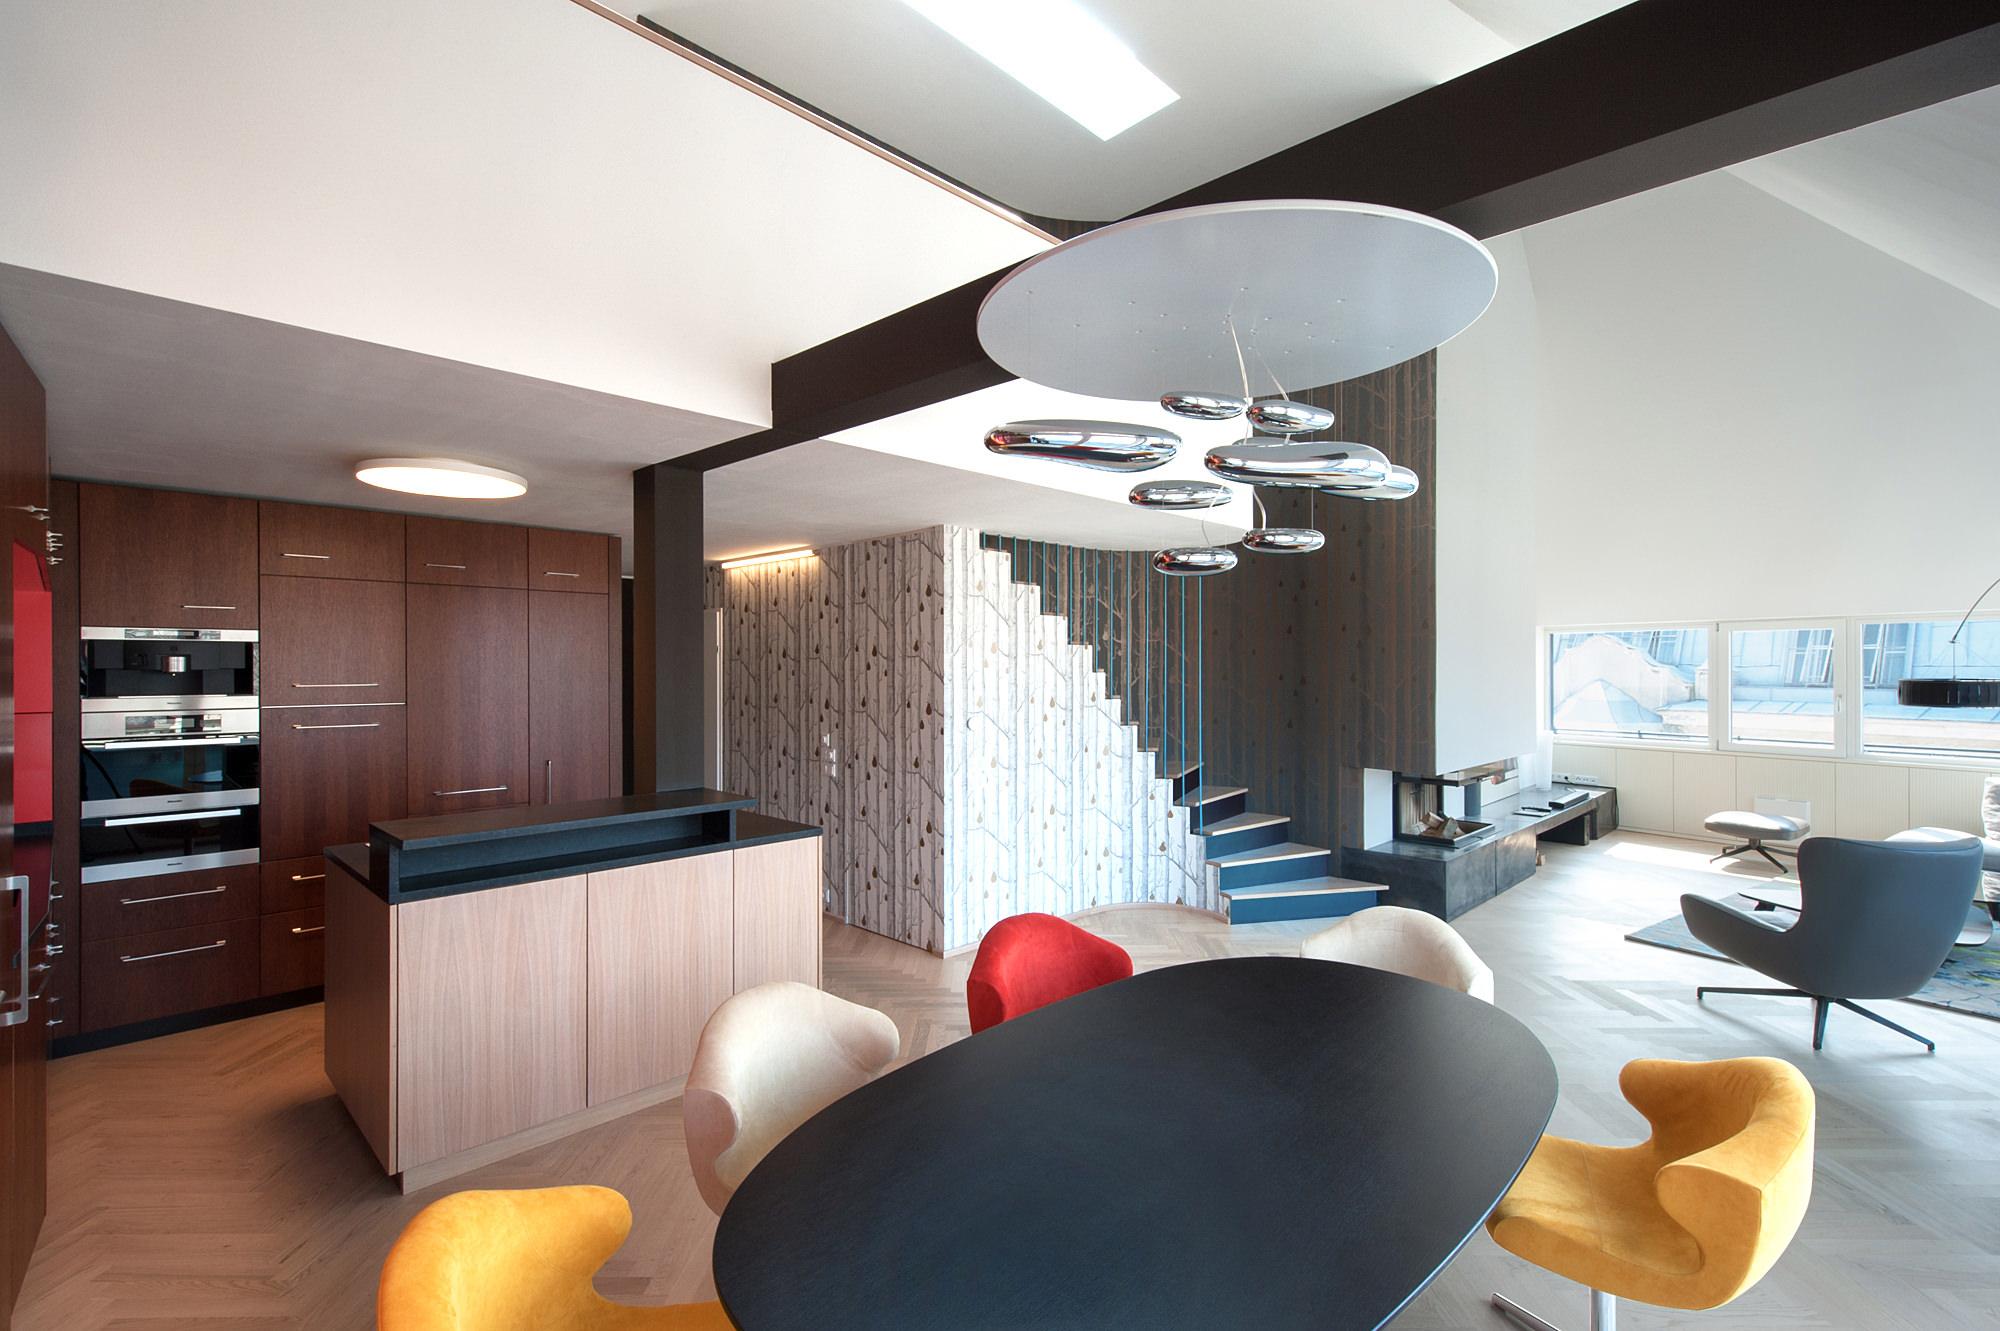 penthouse_W_02_umbau_dachausbau_1040_wien_junger_beer_architektur